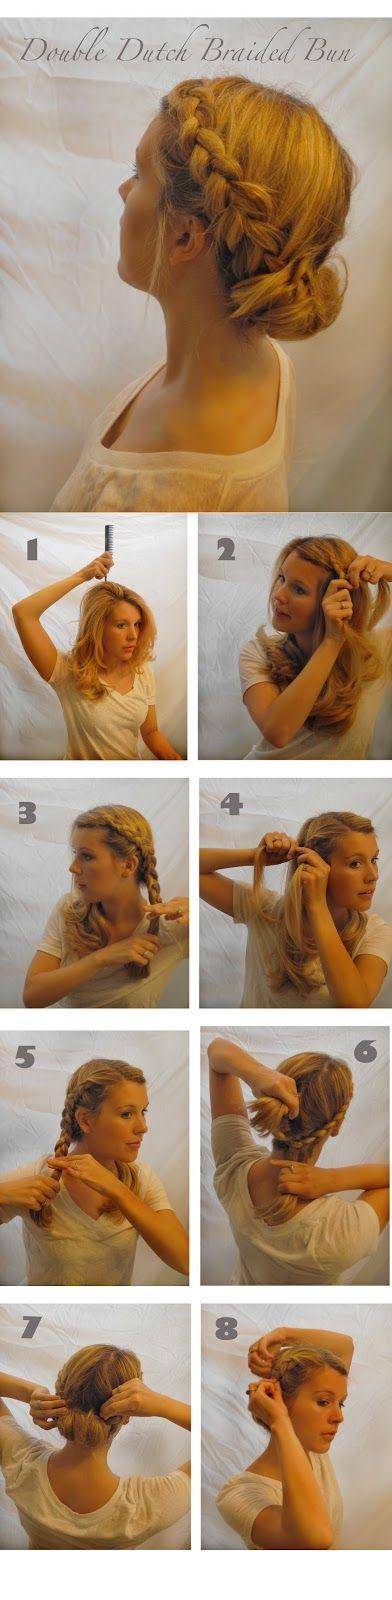 Double Dutch Braided Bun Hair Tutorial